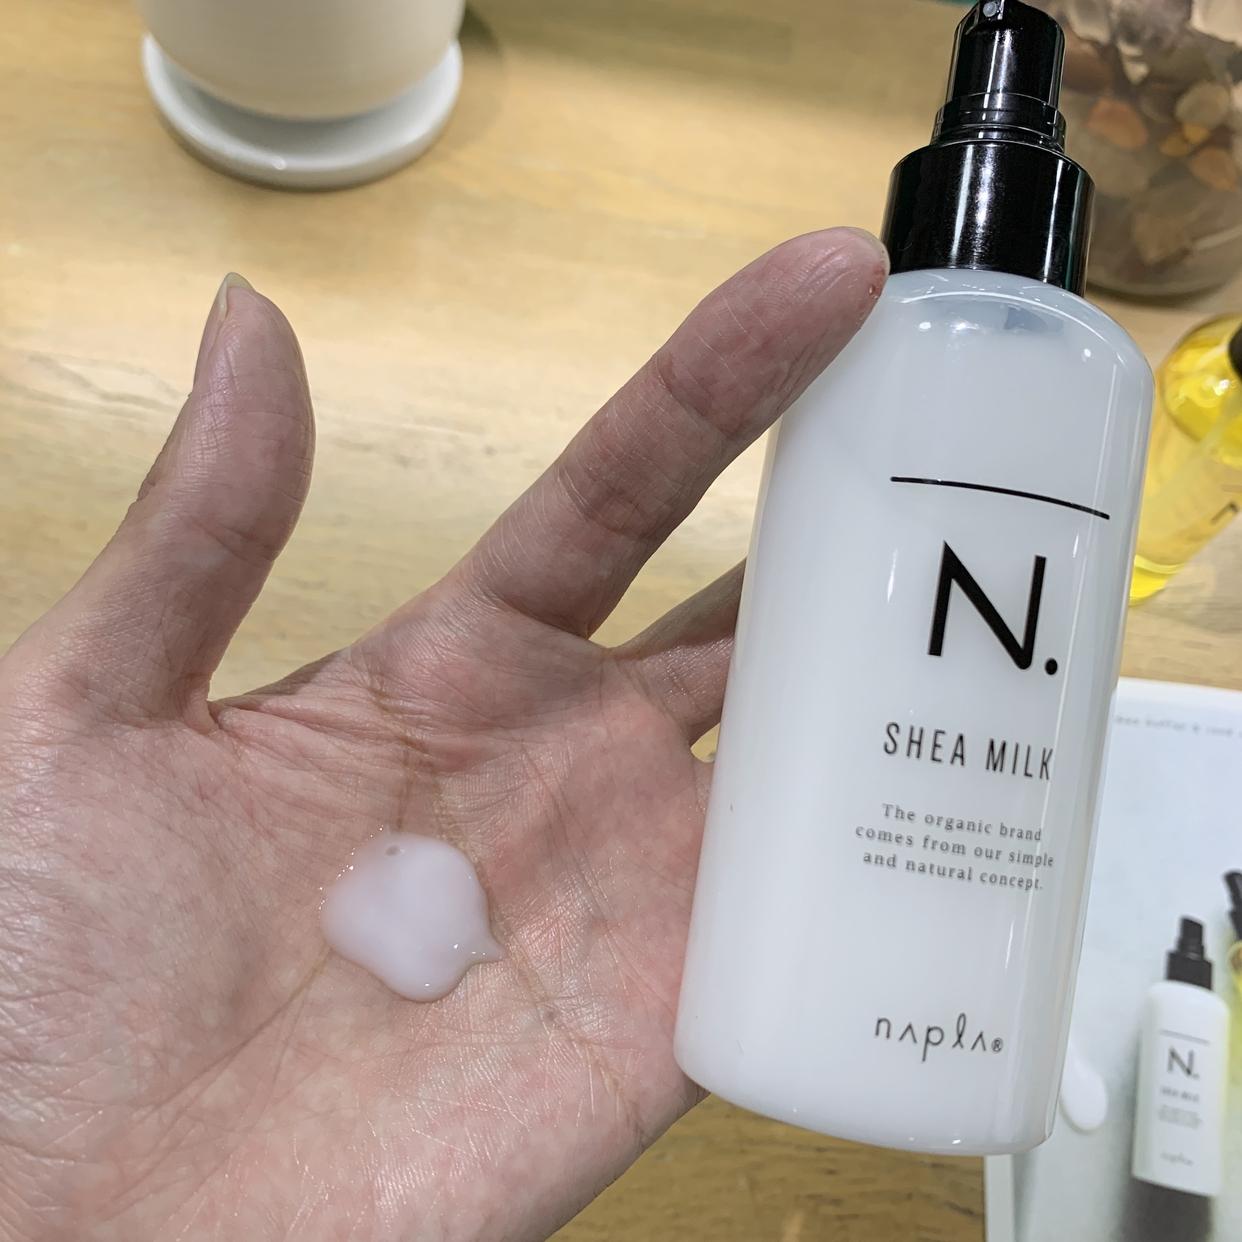 N.(エヌドット) シアミルクを使った高橋里実さんのクチコミ画像